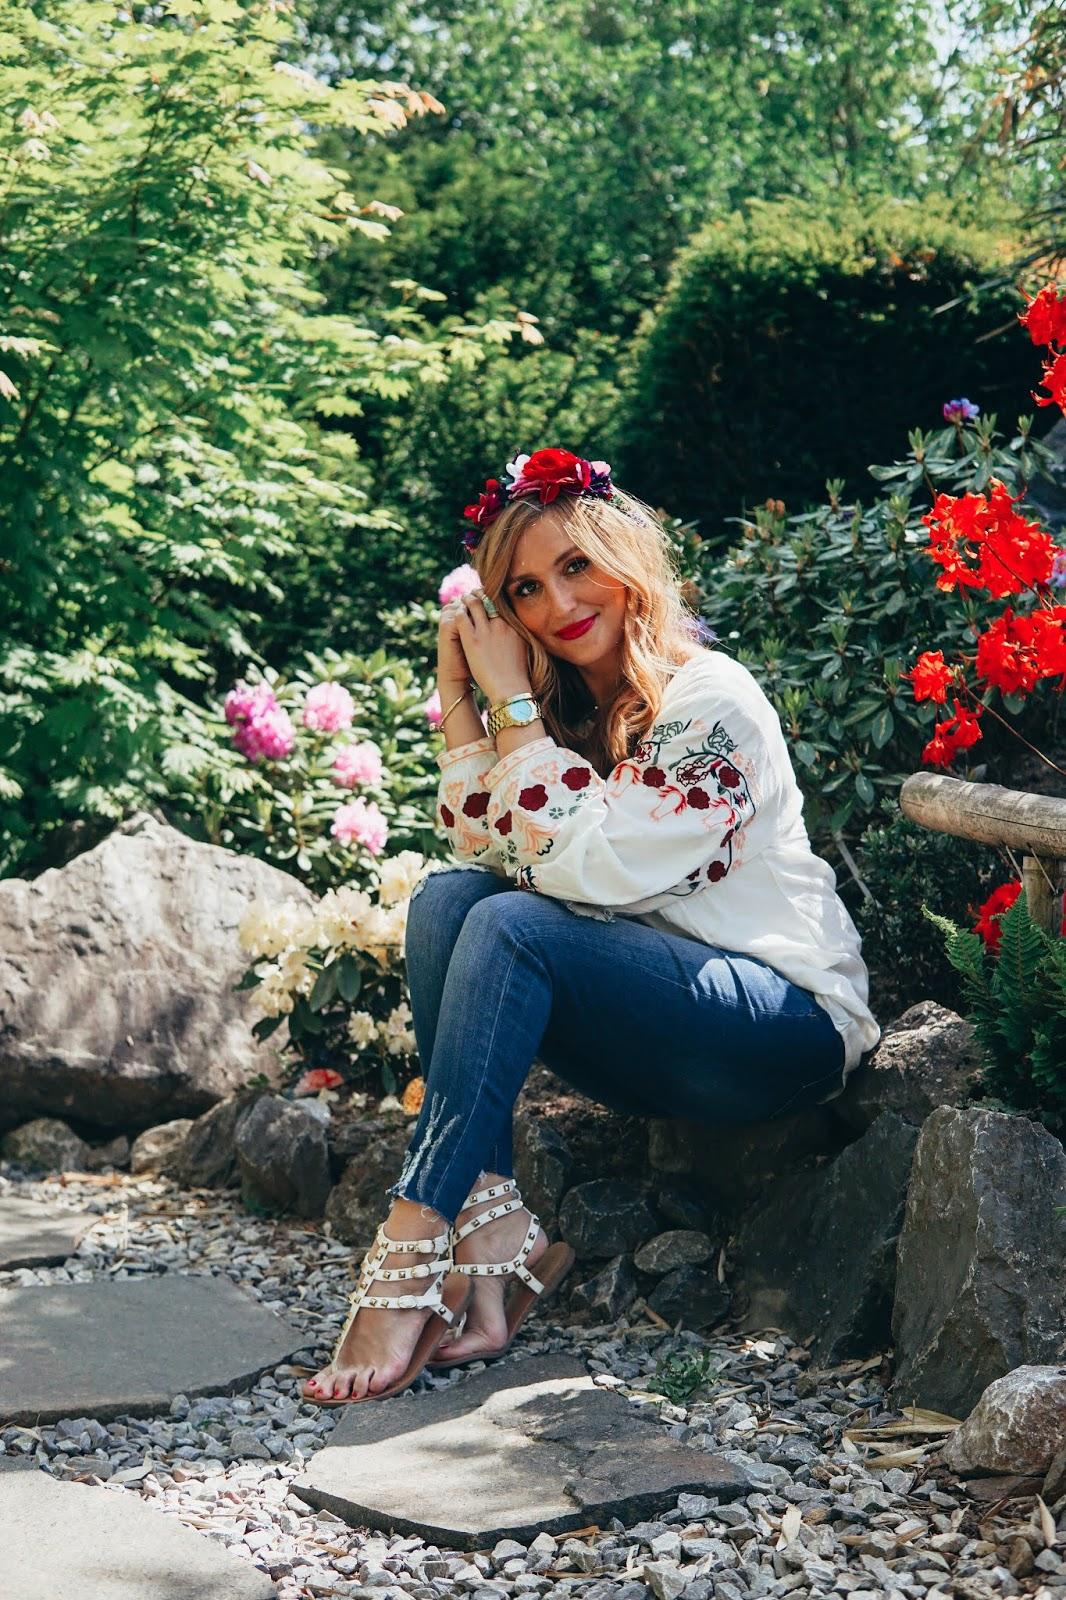 BAUR-Ethno-Bluse-skinny-Jeans-sommer-look-fashionstylebyjohanna